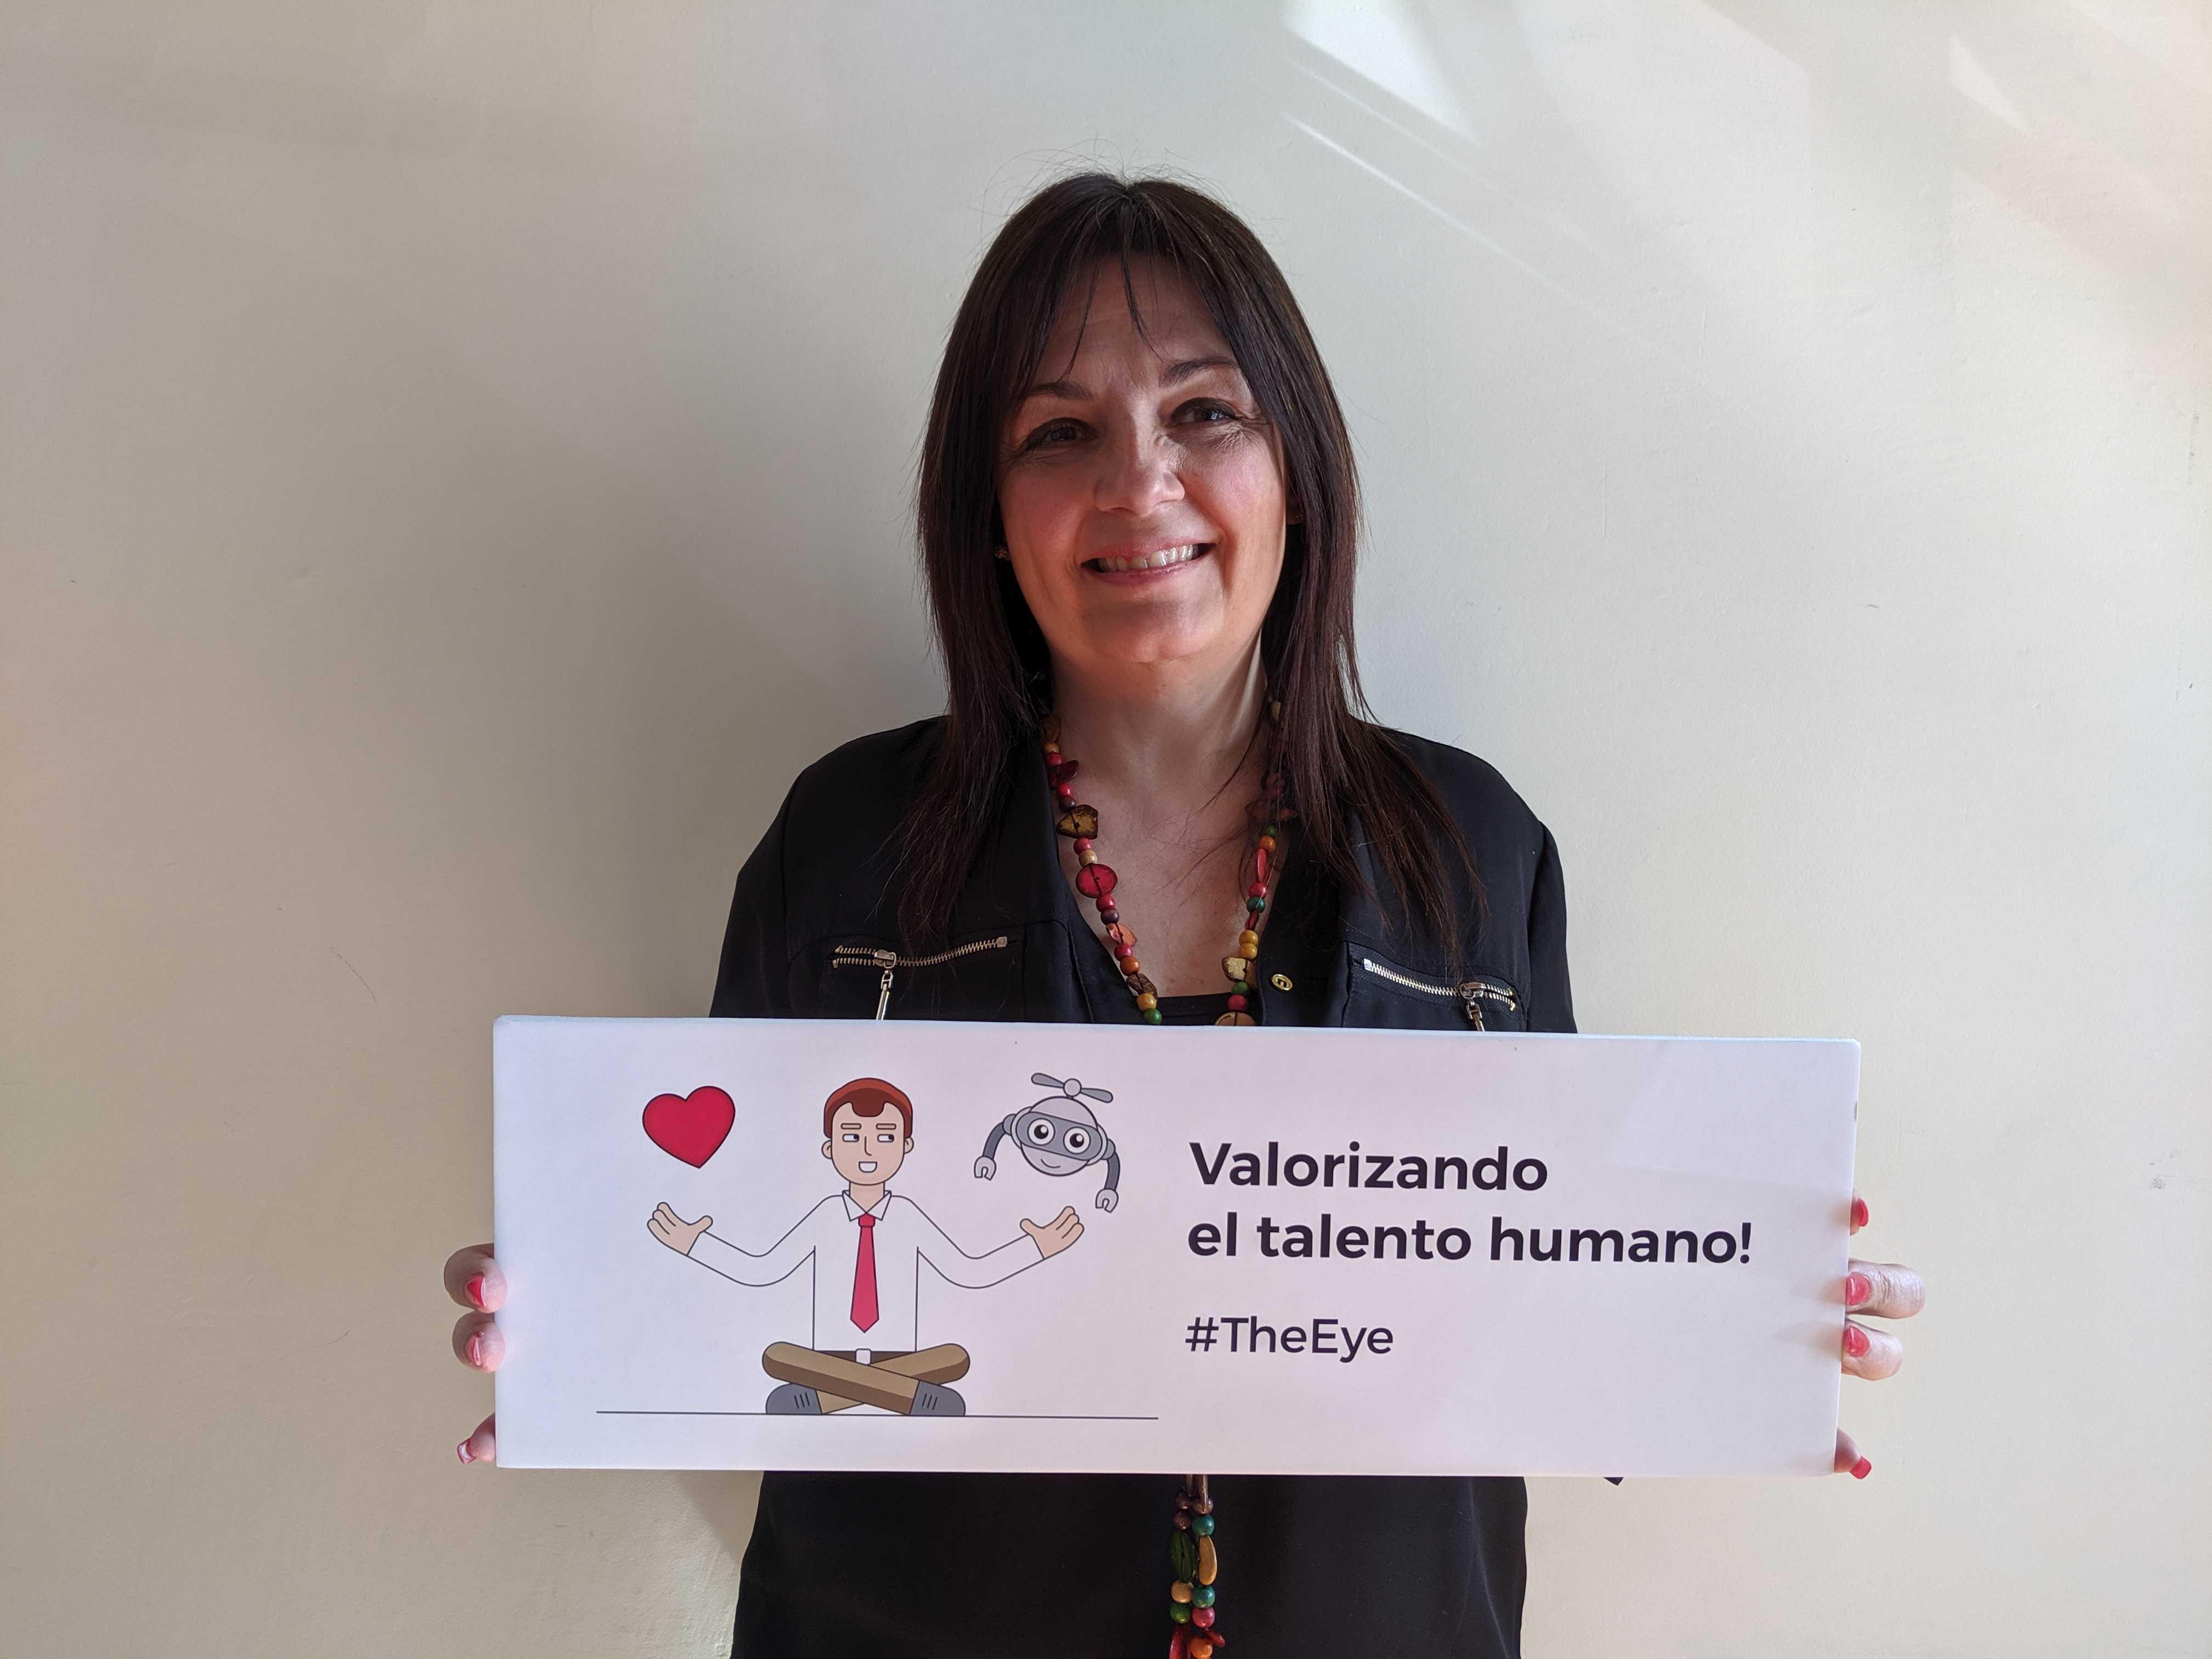 Myriam Liguori - Experta en transformación digital - TheEye Inc.